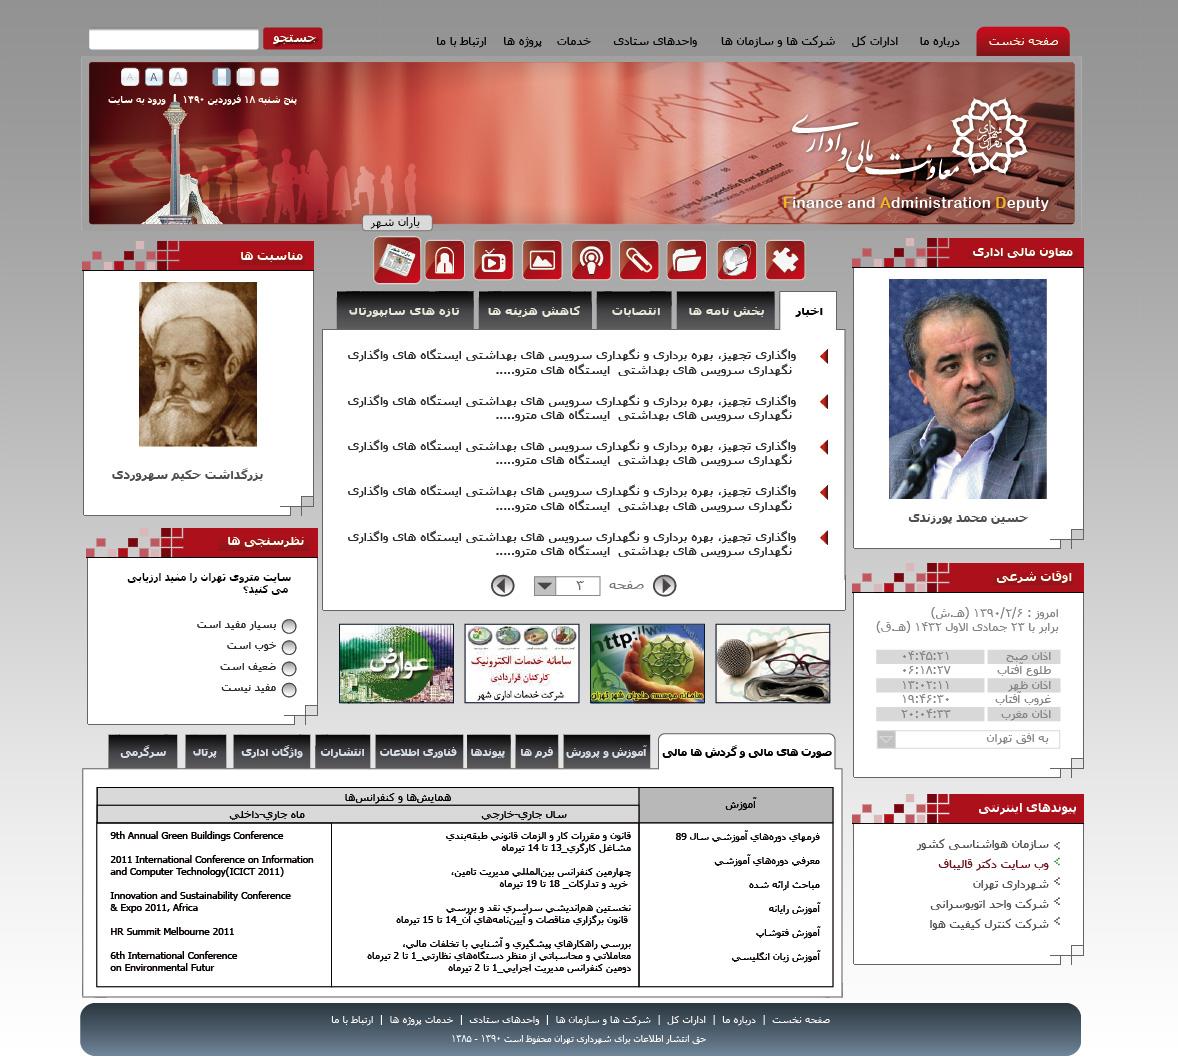 تصویری از صفحه نخست وبسایت معاونت مالی و اداری شهرداری تهران